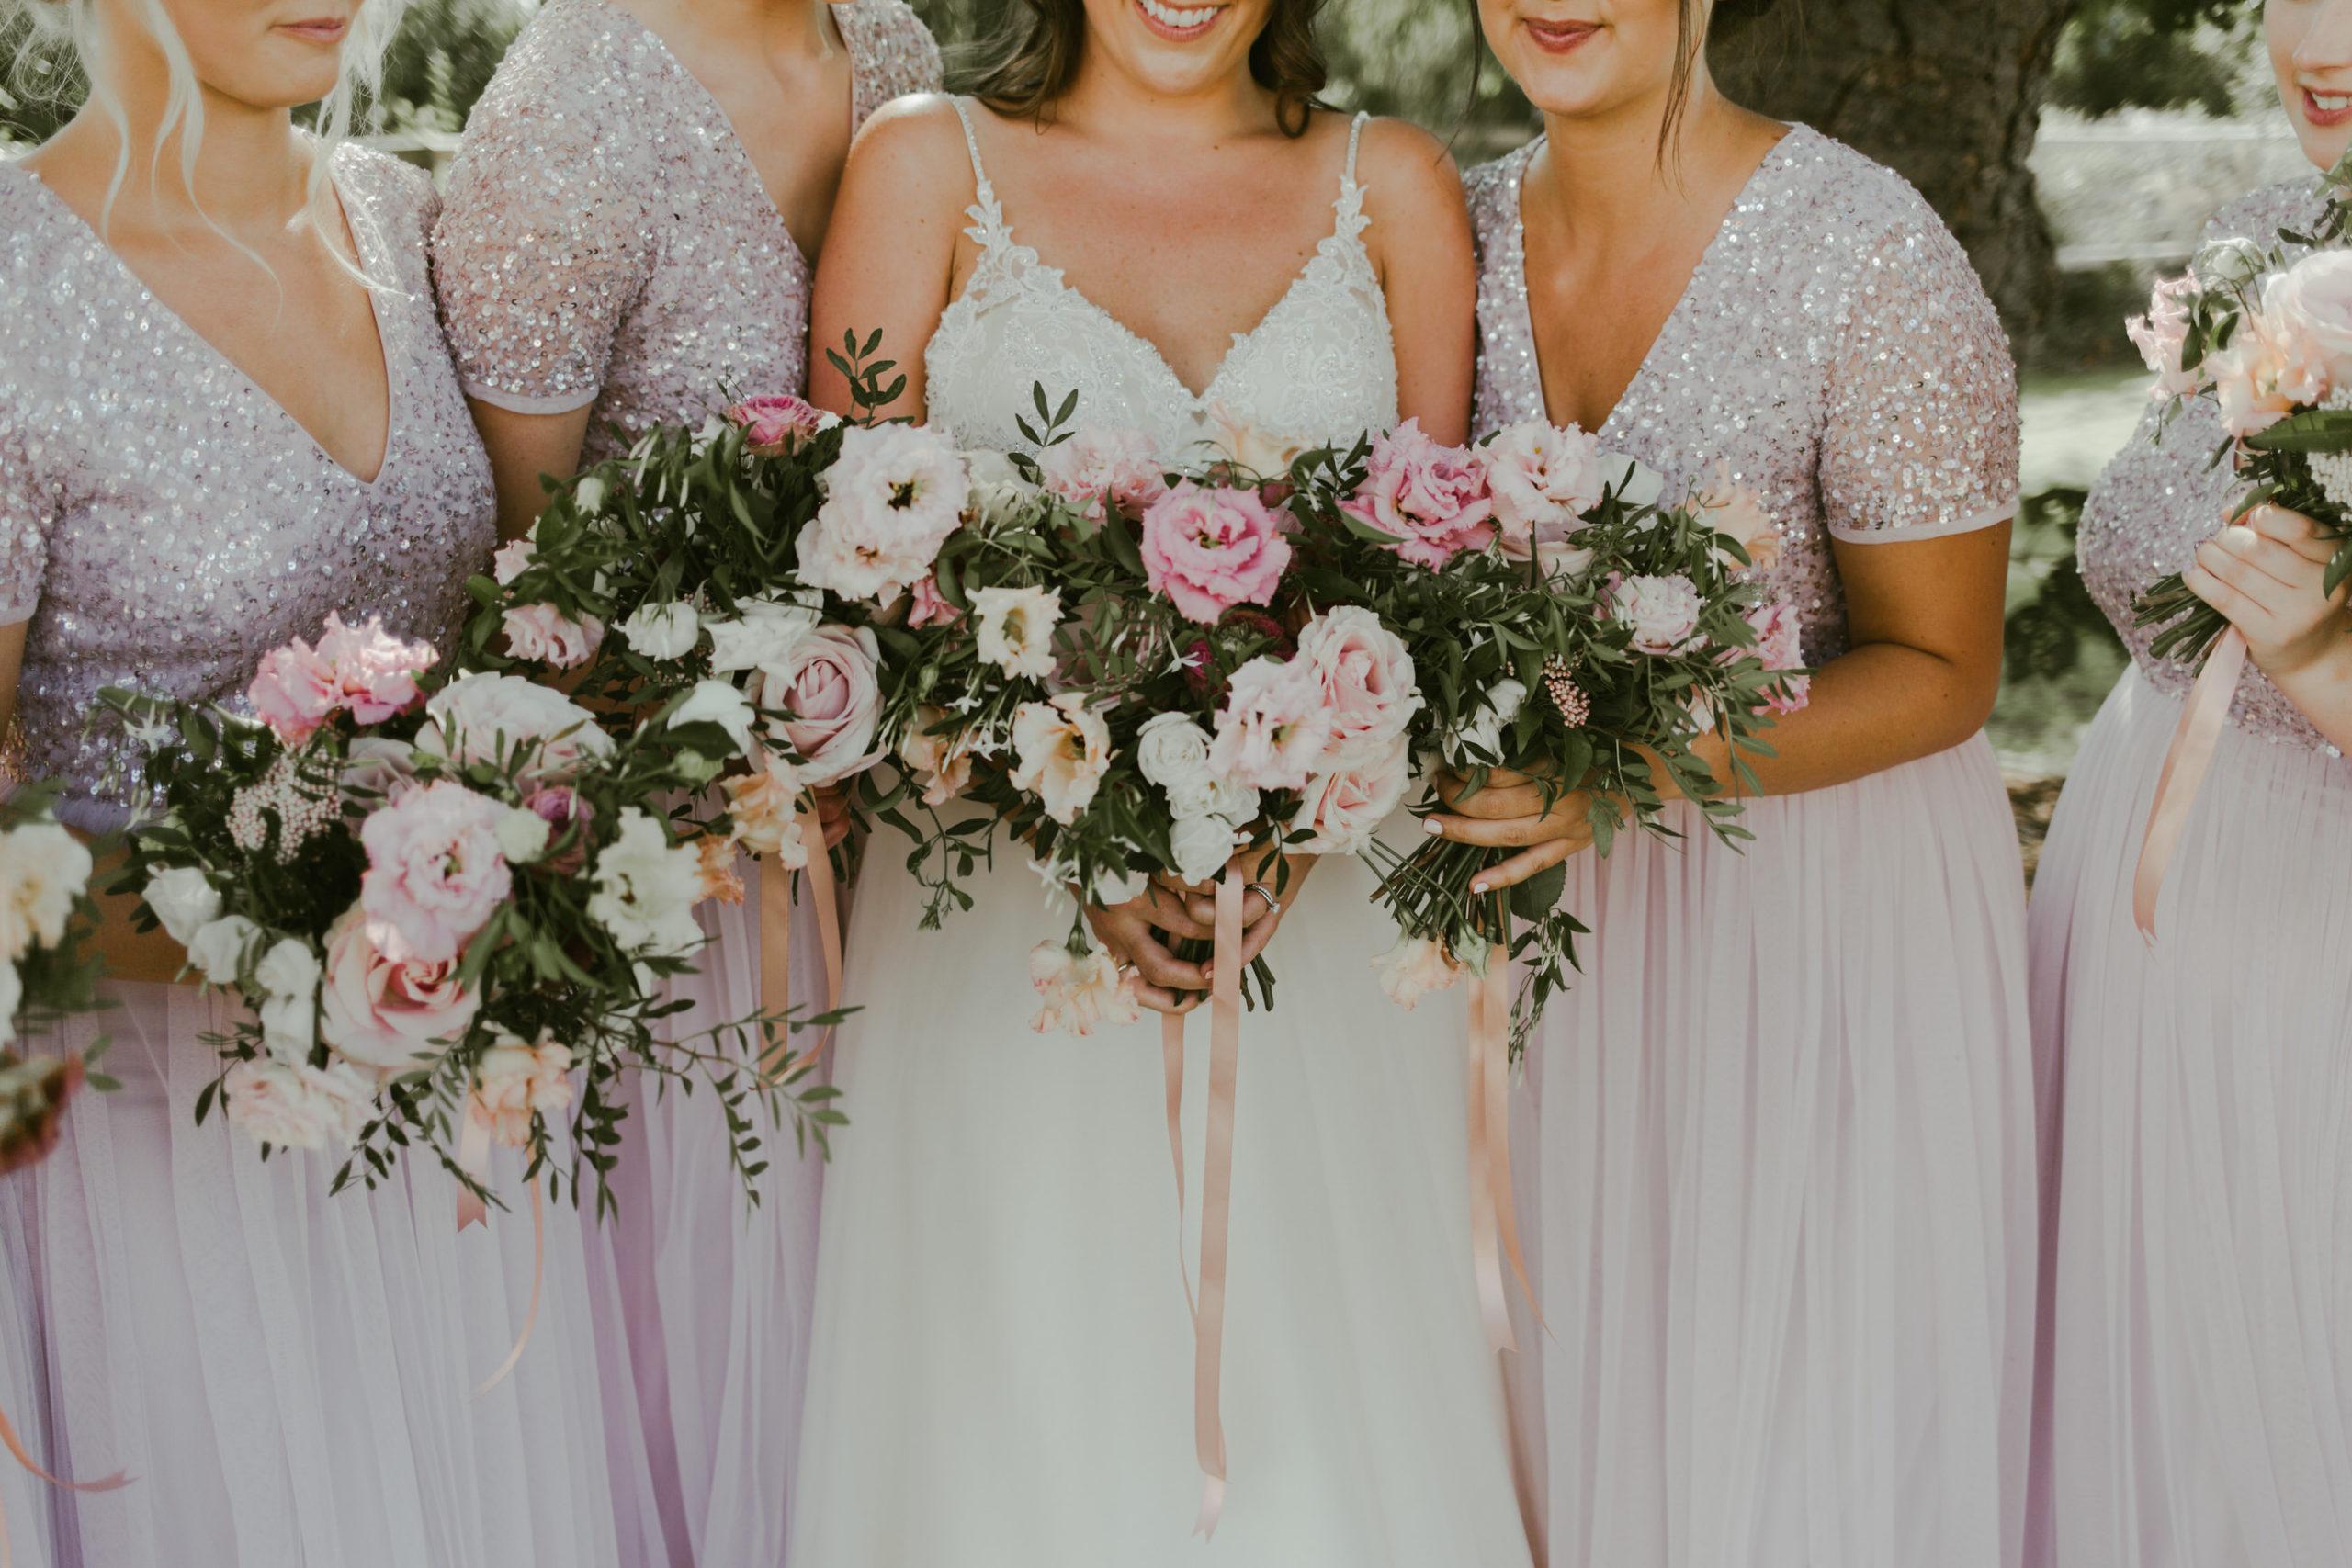 summer back garden wedding marquee bridal party group photos